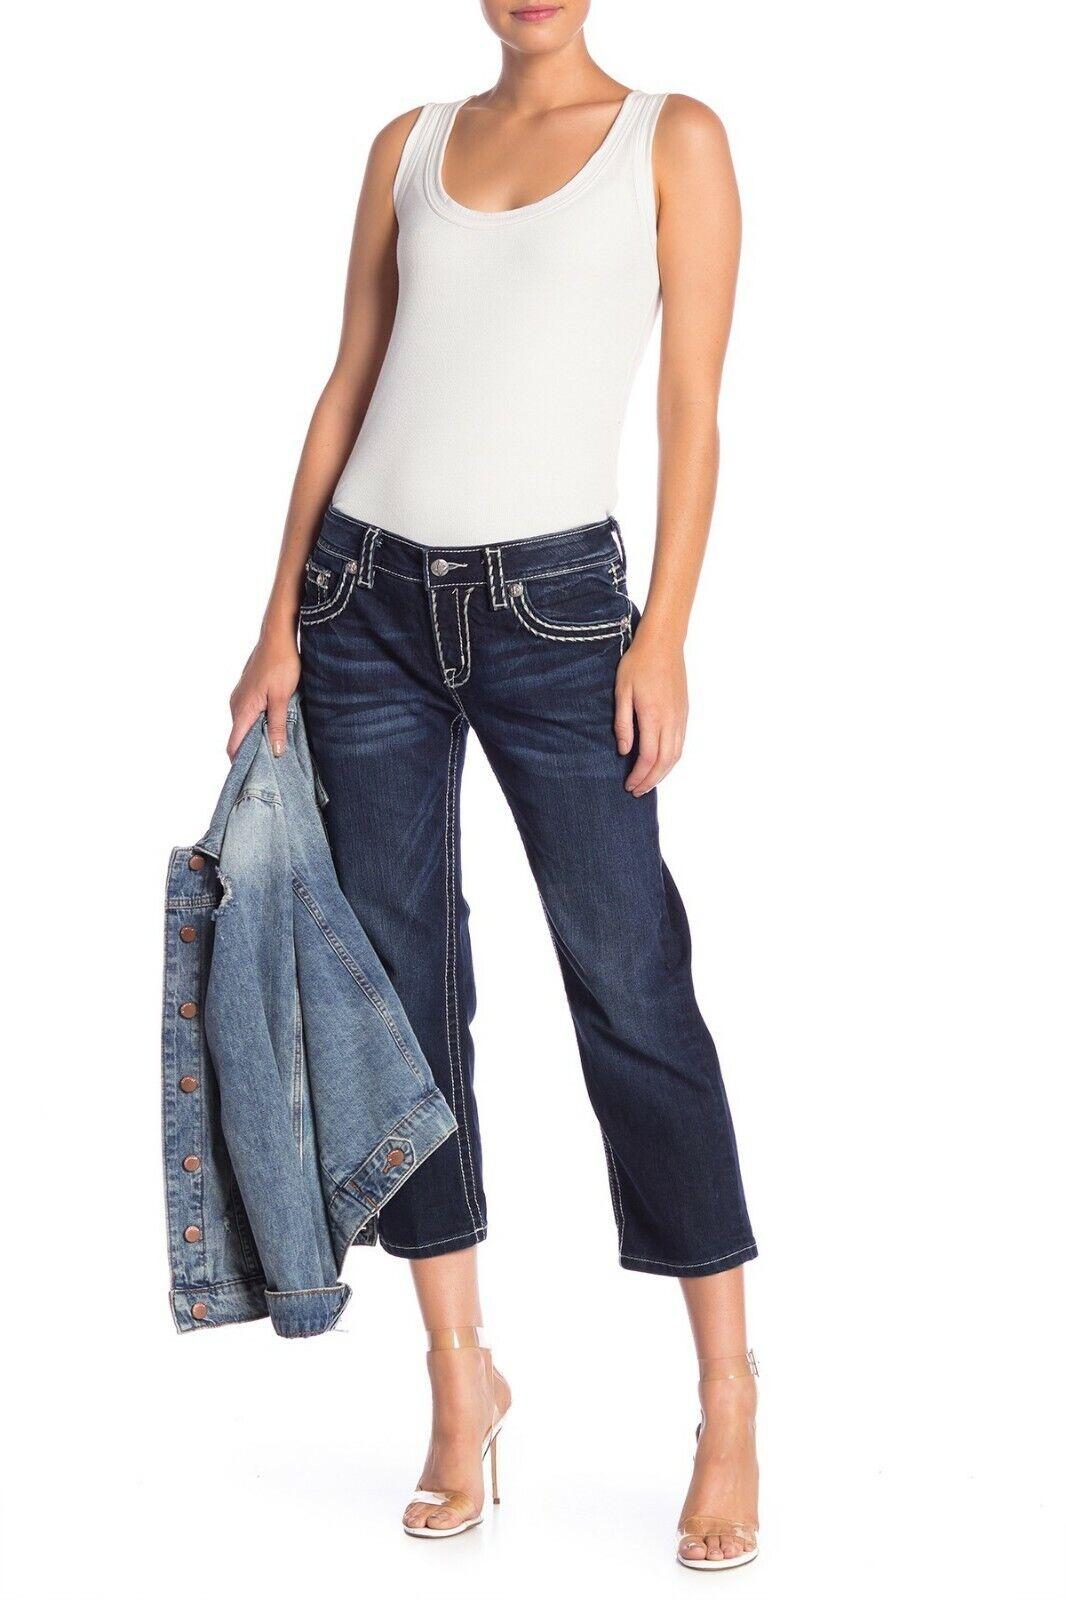 NEW MISS ME White Stitch Denim Capri Jeans SZ 27  89